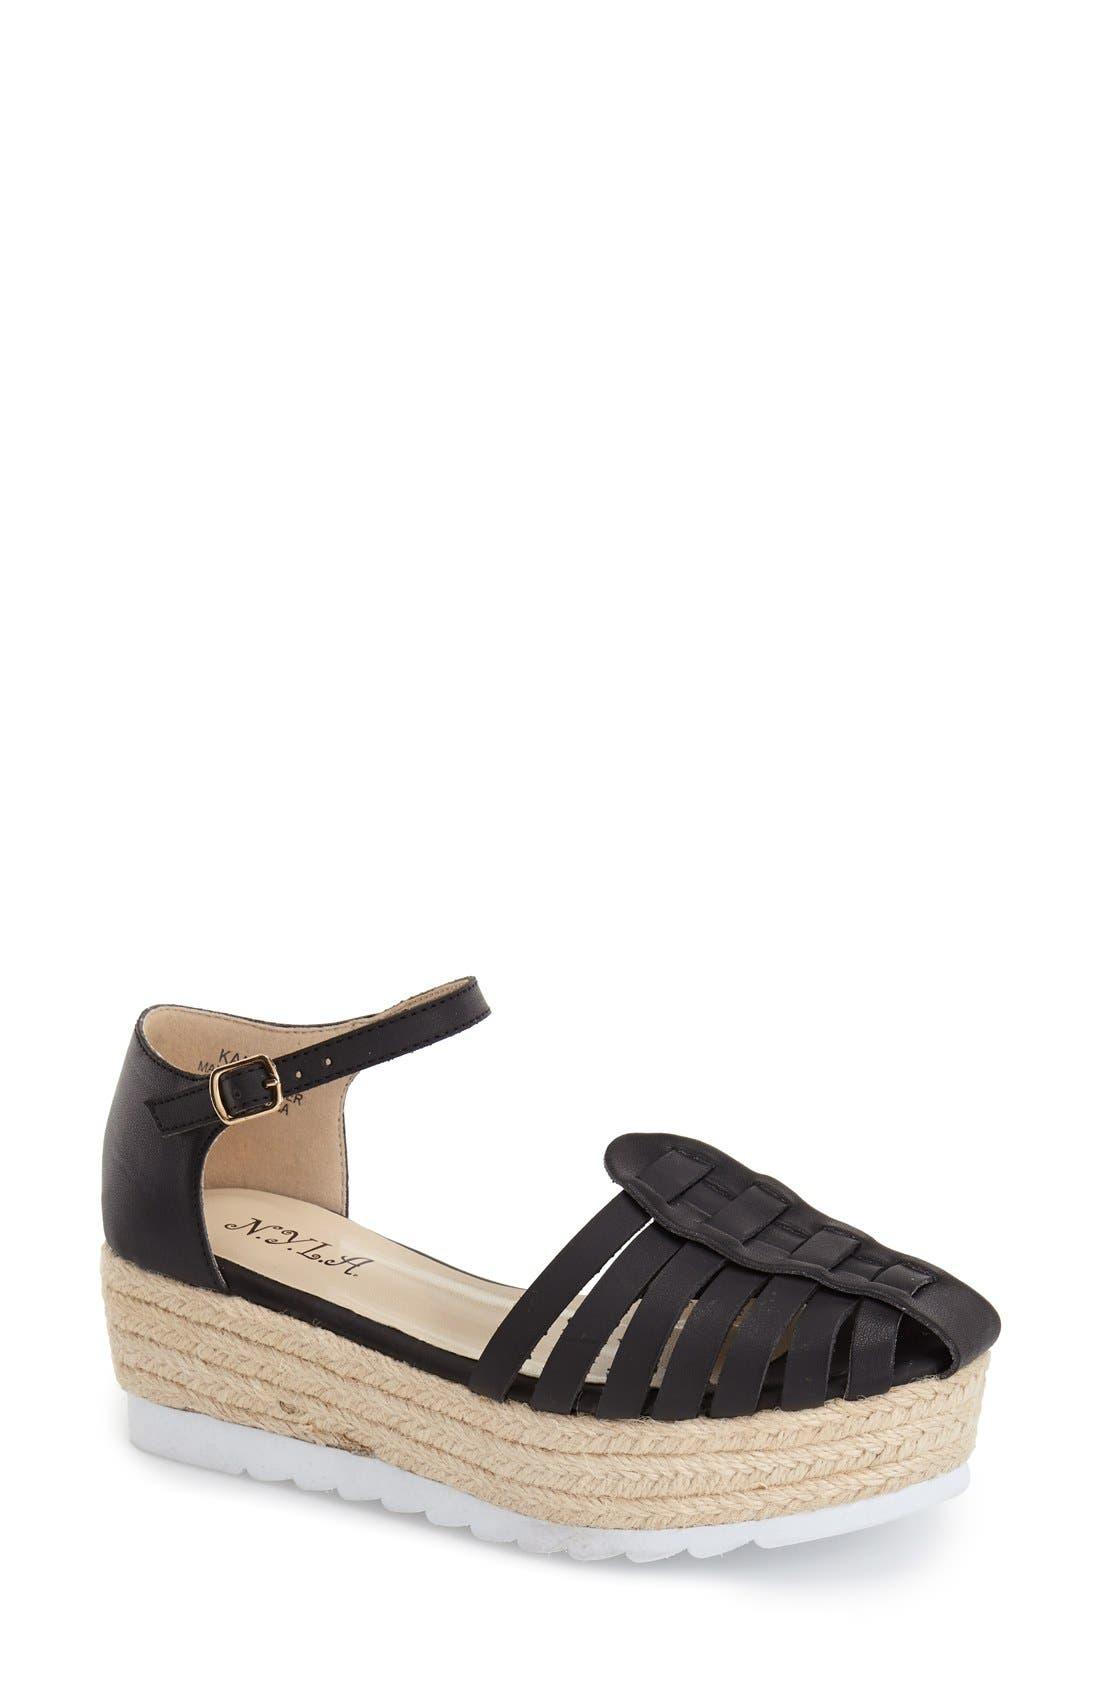 Alternate Image 1 Selected - N.Y.L.A. 'Kanen' Espadrille Platform Sandal (Women)